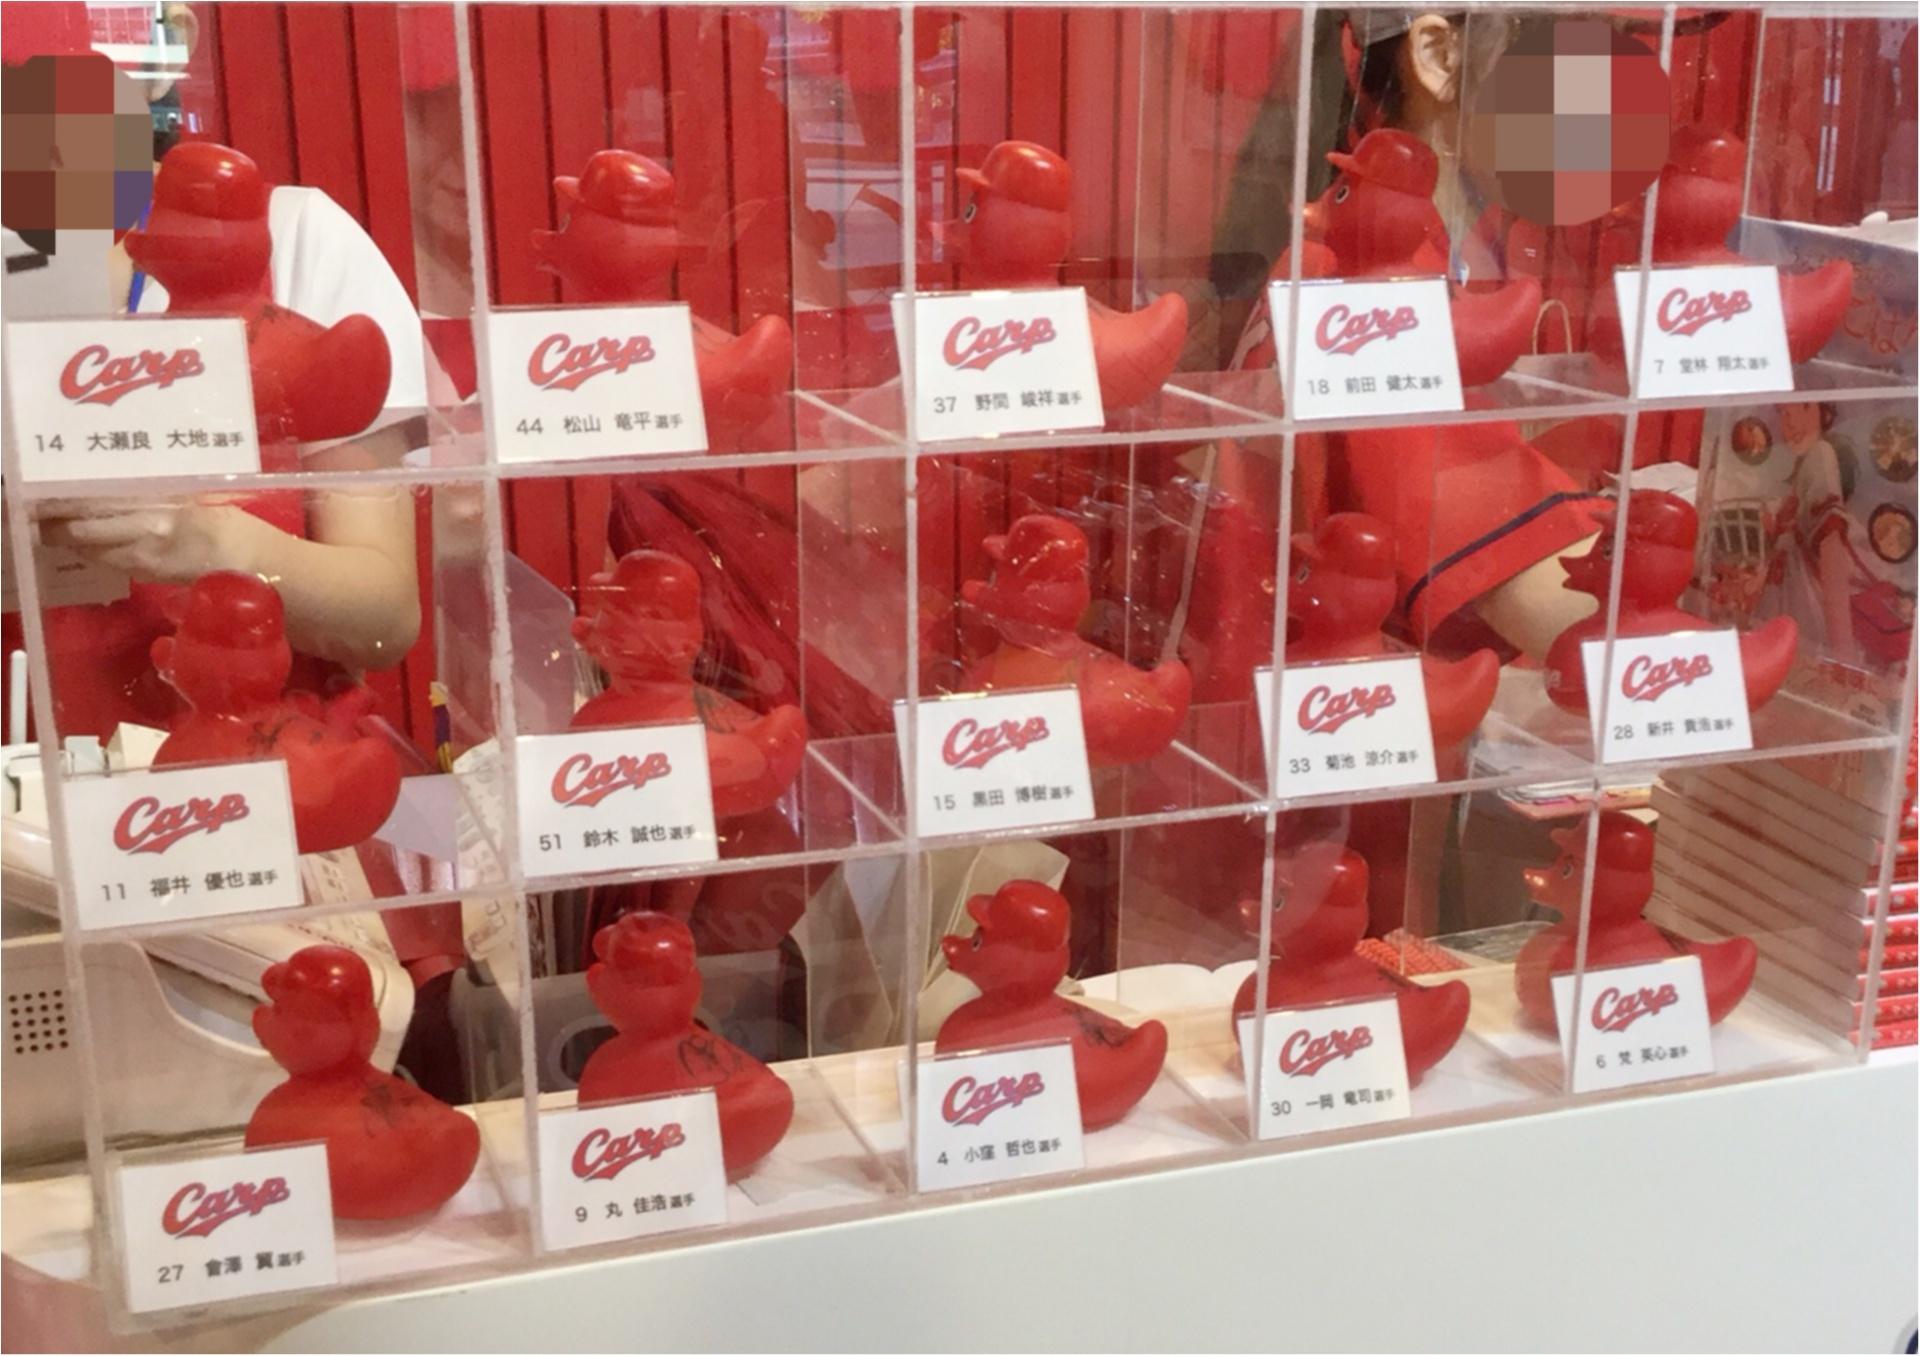 【カープ女子必見】ディズニーとのコラボ商品も新発売!カープをコンセプトとしたカフェバルも併設した《グッズ&カフェバル》としてリニューアルオープン♡_5